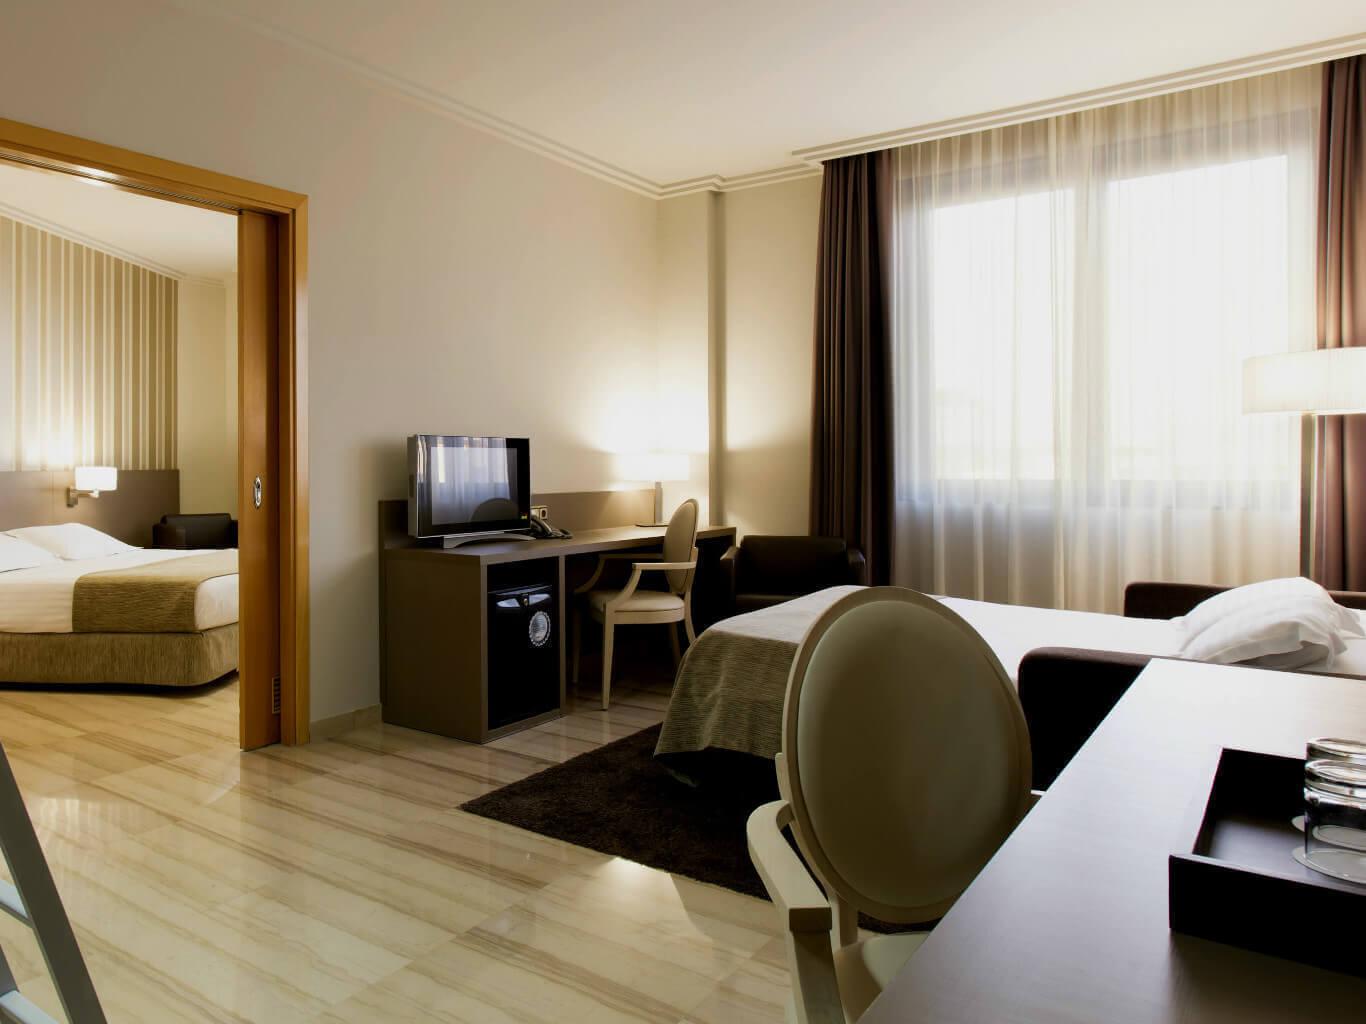 Habitacin Familiar  Hotel Ciutat de Tarragona Tarragona